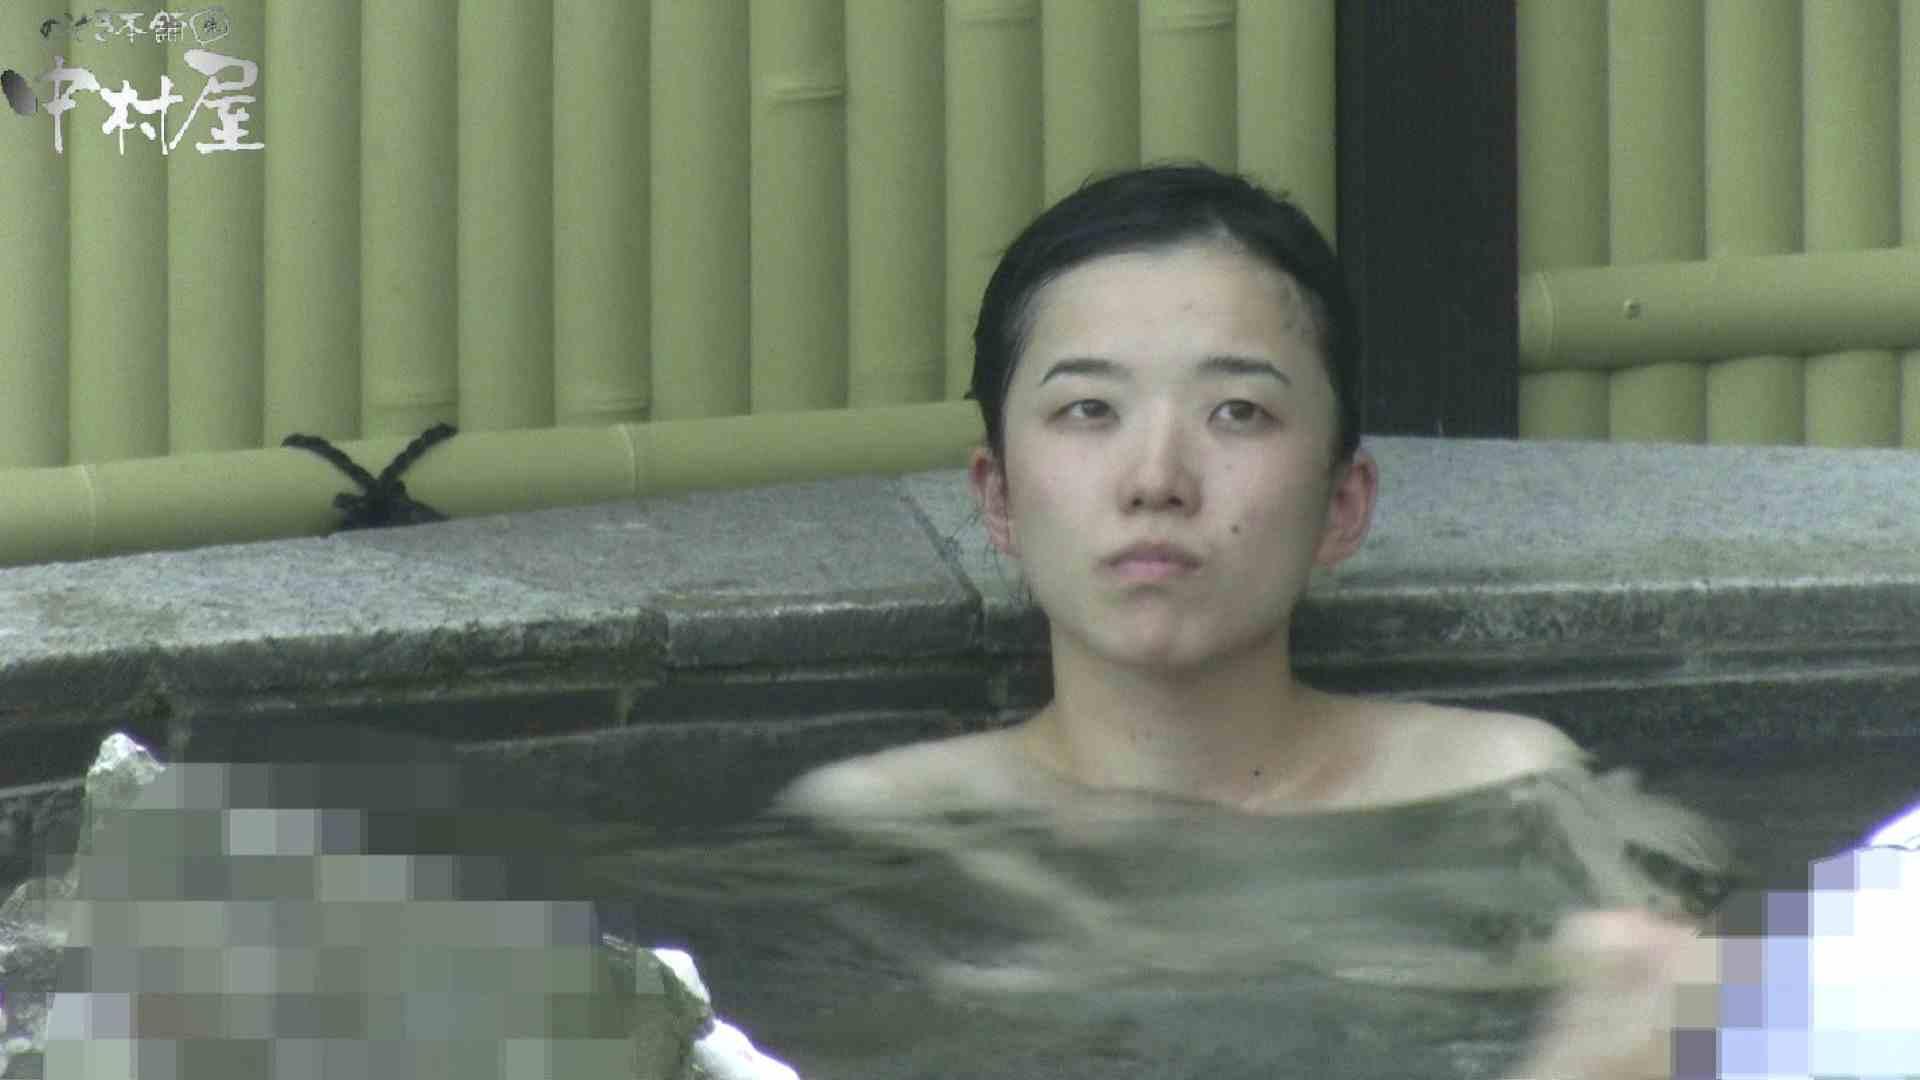 Aquaな露天風呂Vol.908 露天   盗撮  81pic 57